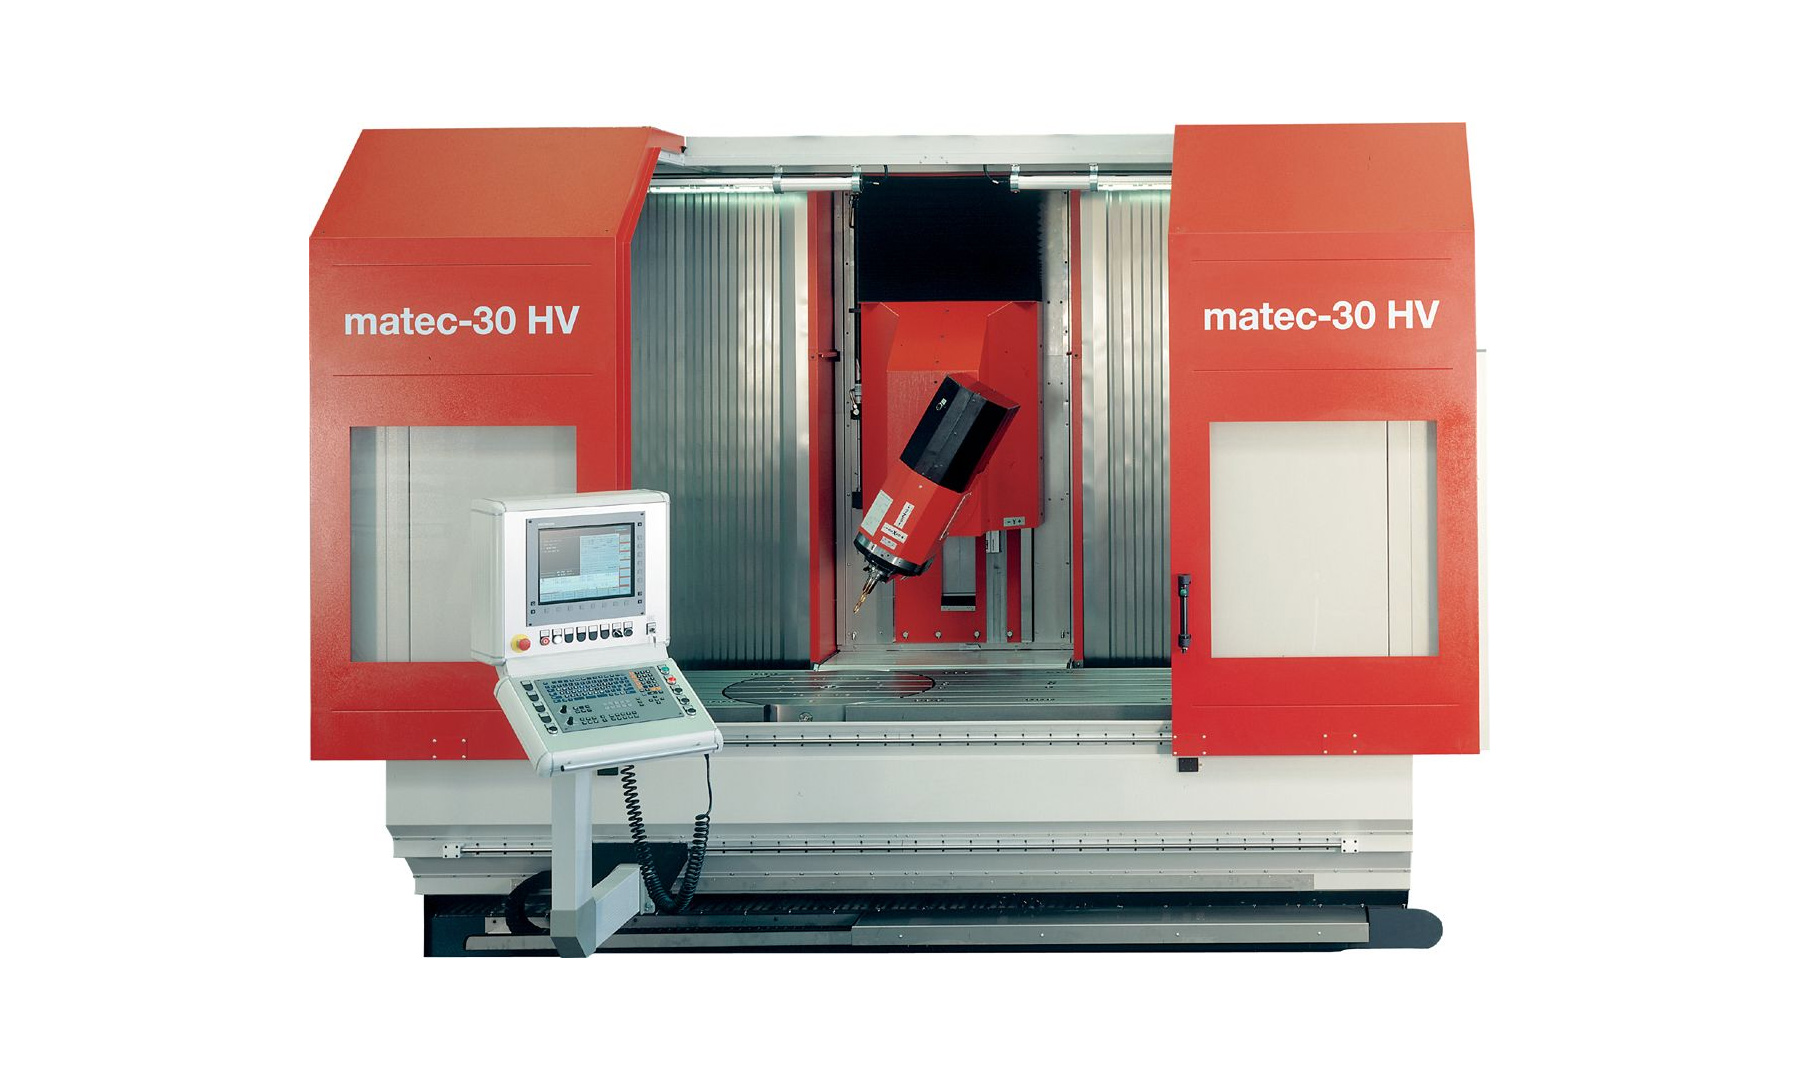 matec-30hv-beitragsbild-1800x1080